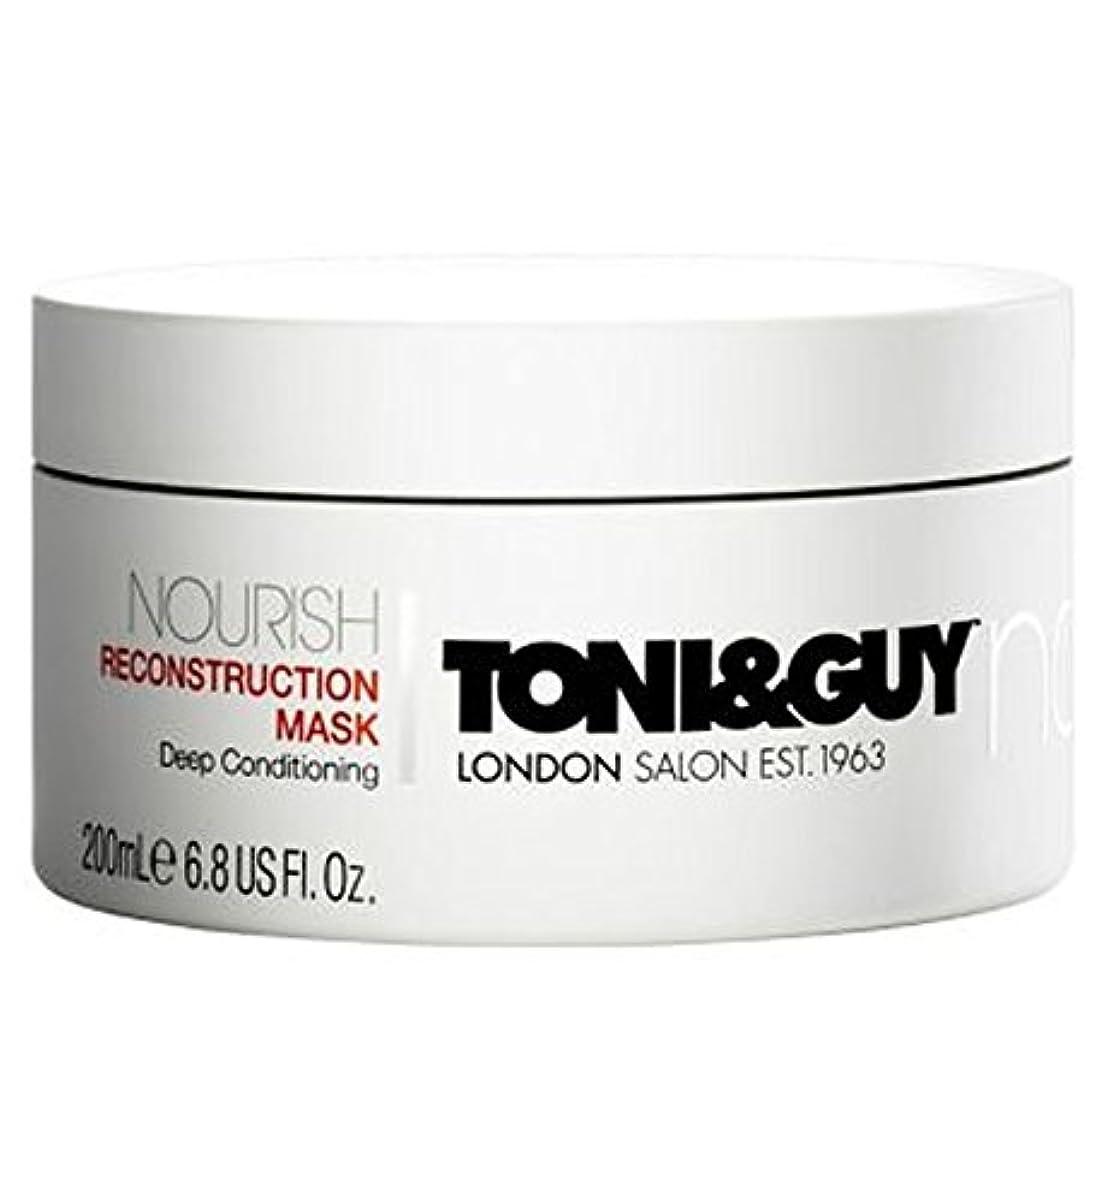 検出可能飲料パトロールトニ&男は復興マスク200ミリリットルを養います (Toni & Guy) (x2) - Toni&Guy Nourish Reconstruction Mask 200ml (Pack of 2) [並行輸入品]